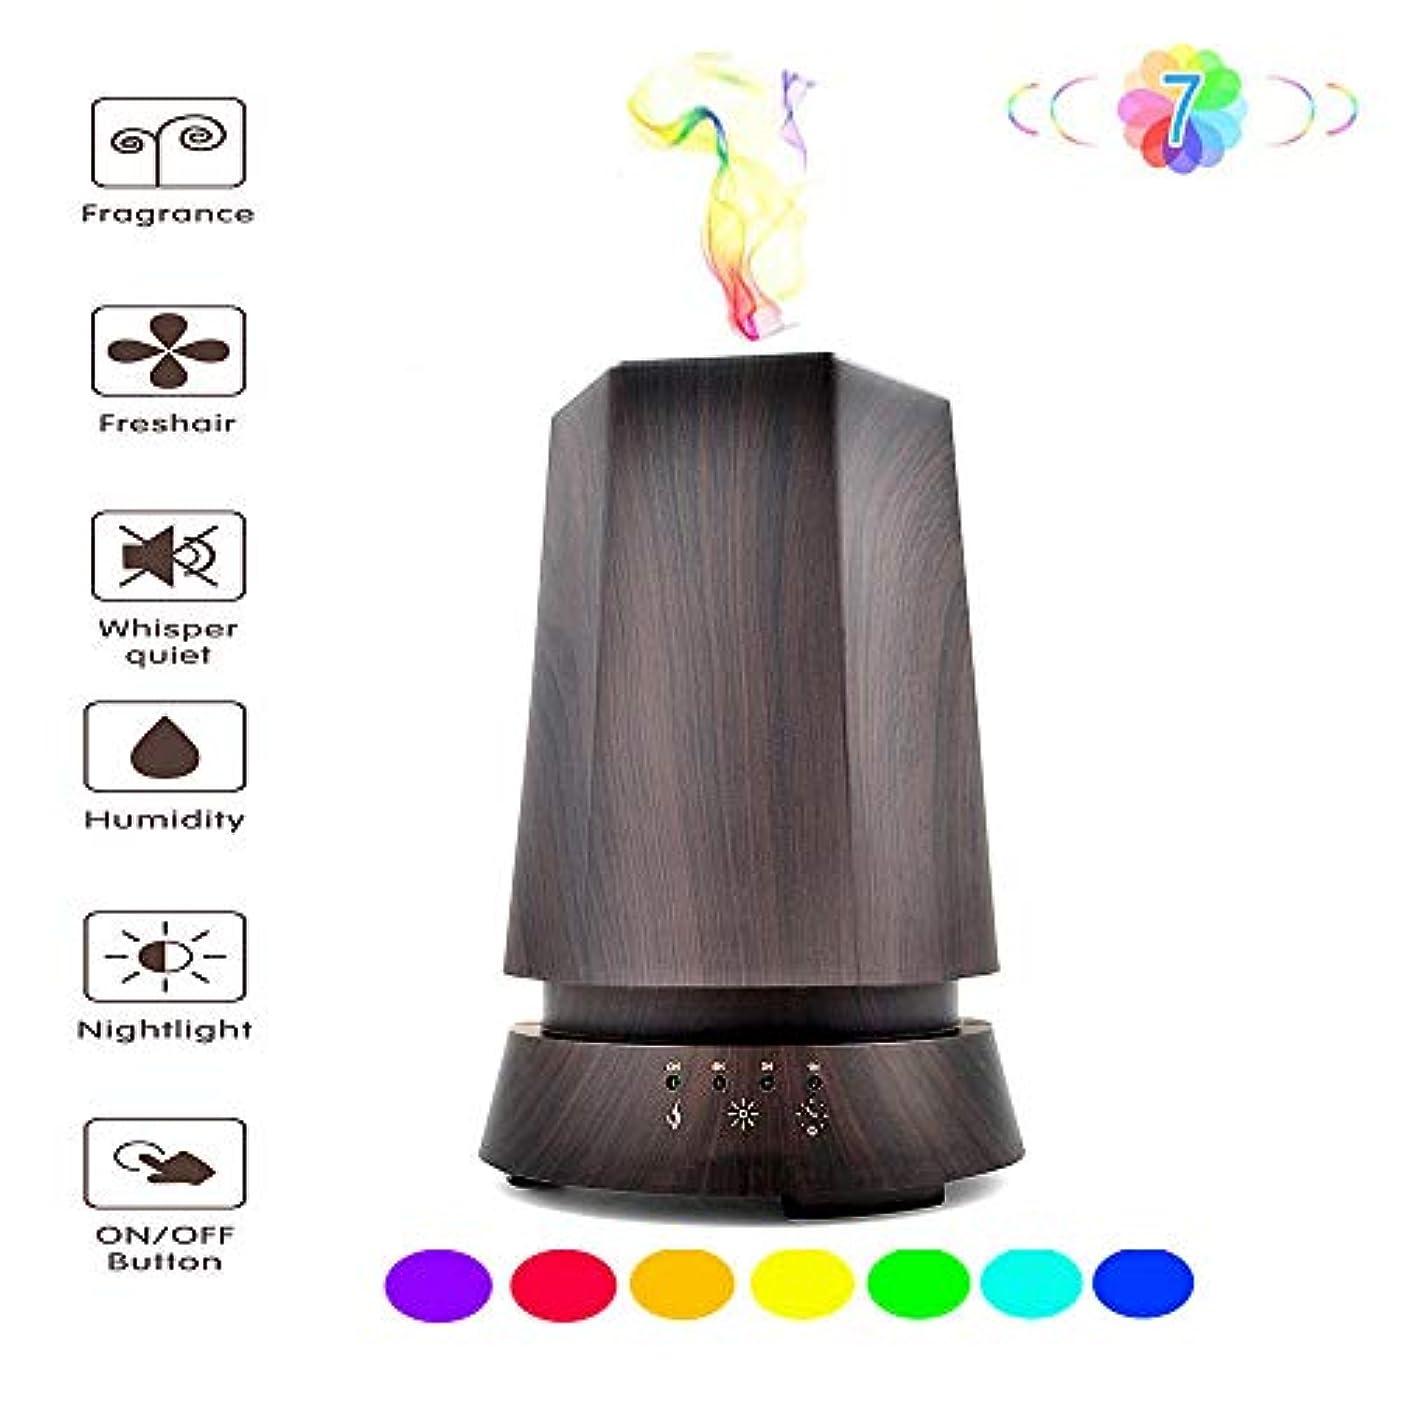 絵銀河酔っ払い350MLエッセンシャルオイルディフューザー - LEDナイトライト - 超音波アロマ加湿器 - LED7色ライト付き - いいえ水自動閉鎖